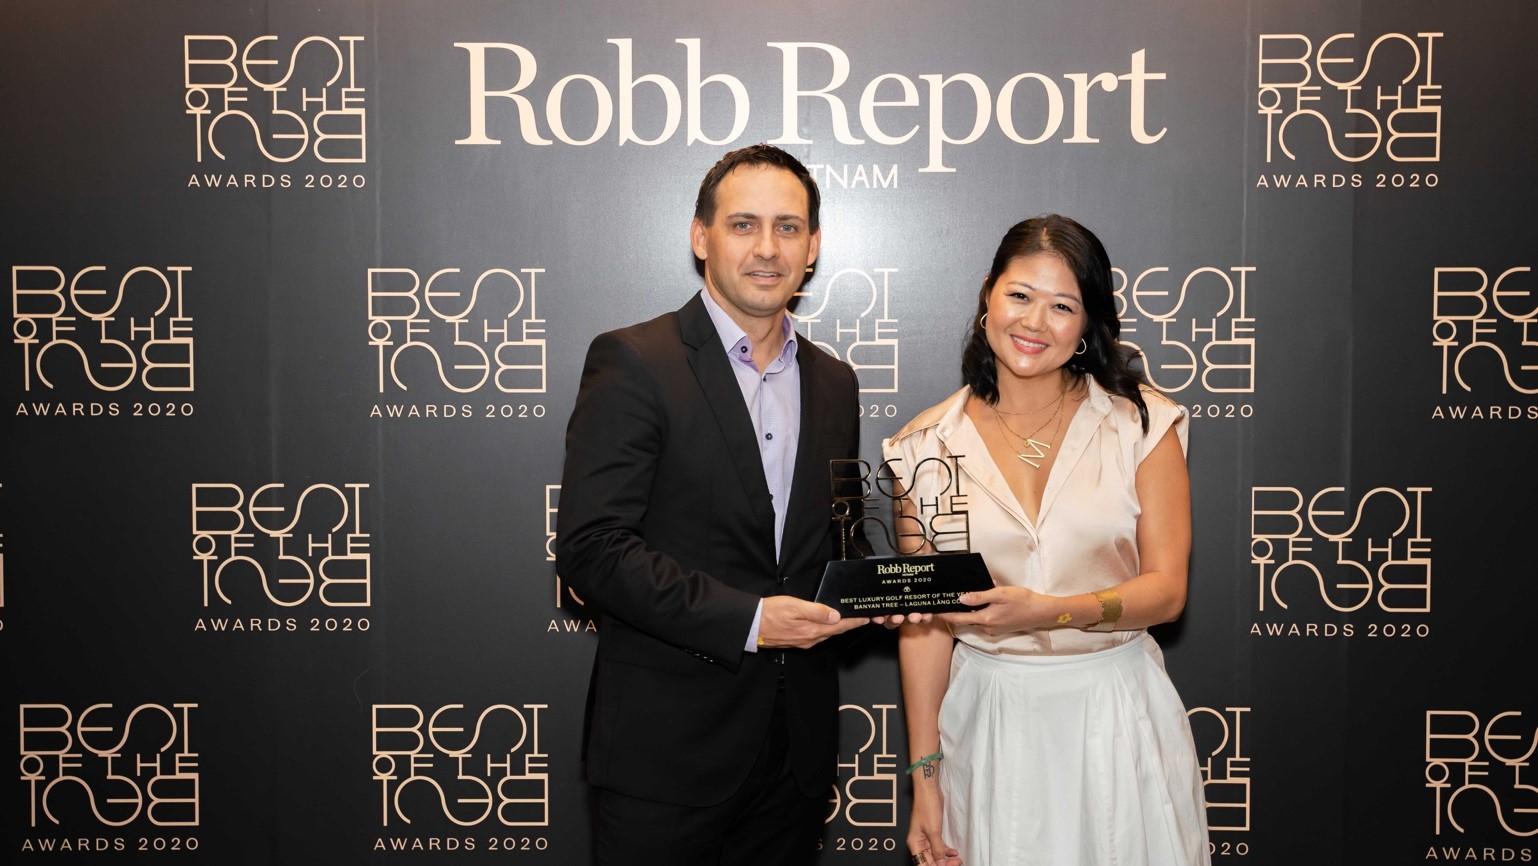 Ông Adam Calver - Giám đốc Golf của Laguna Golf Lăng Cô, nhận giải Khu nghỉ dưỡng sân gôn cao cấp tốt nhất của năm (Best Luxury Golf Resort of the Year). Ảnh: Robb Report.